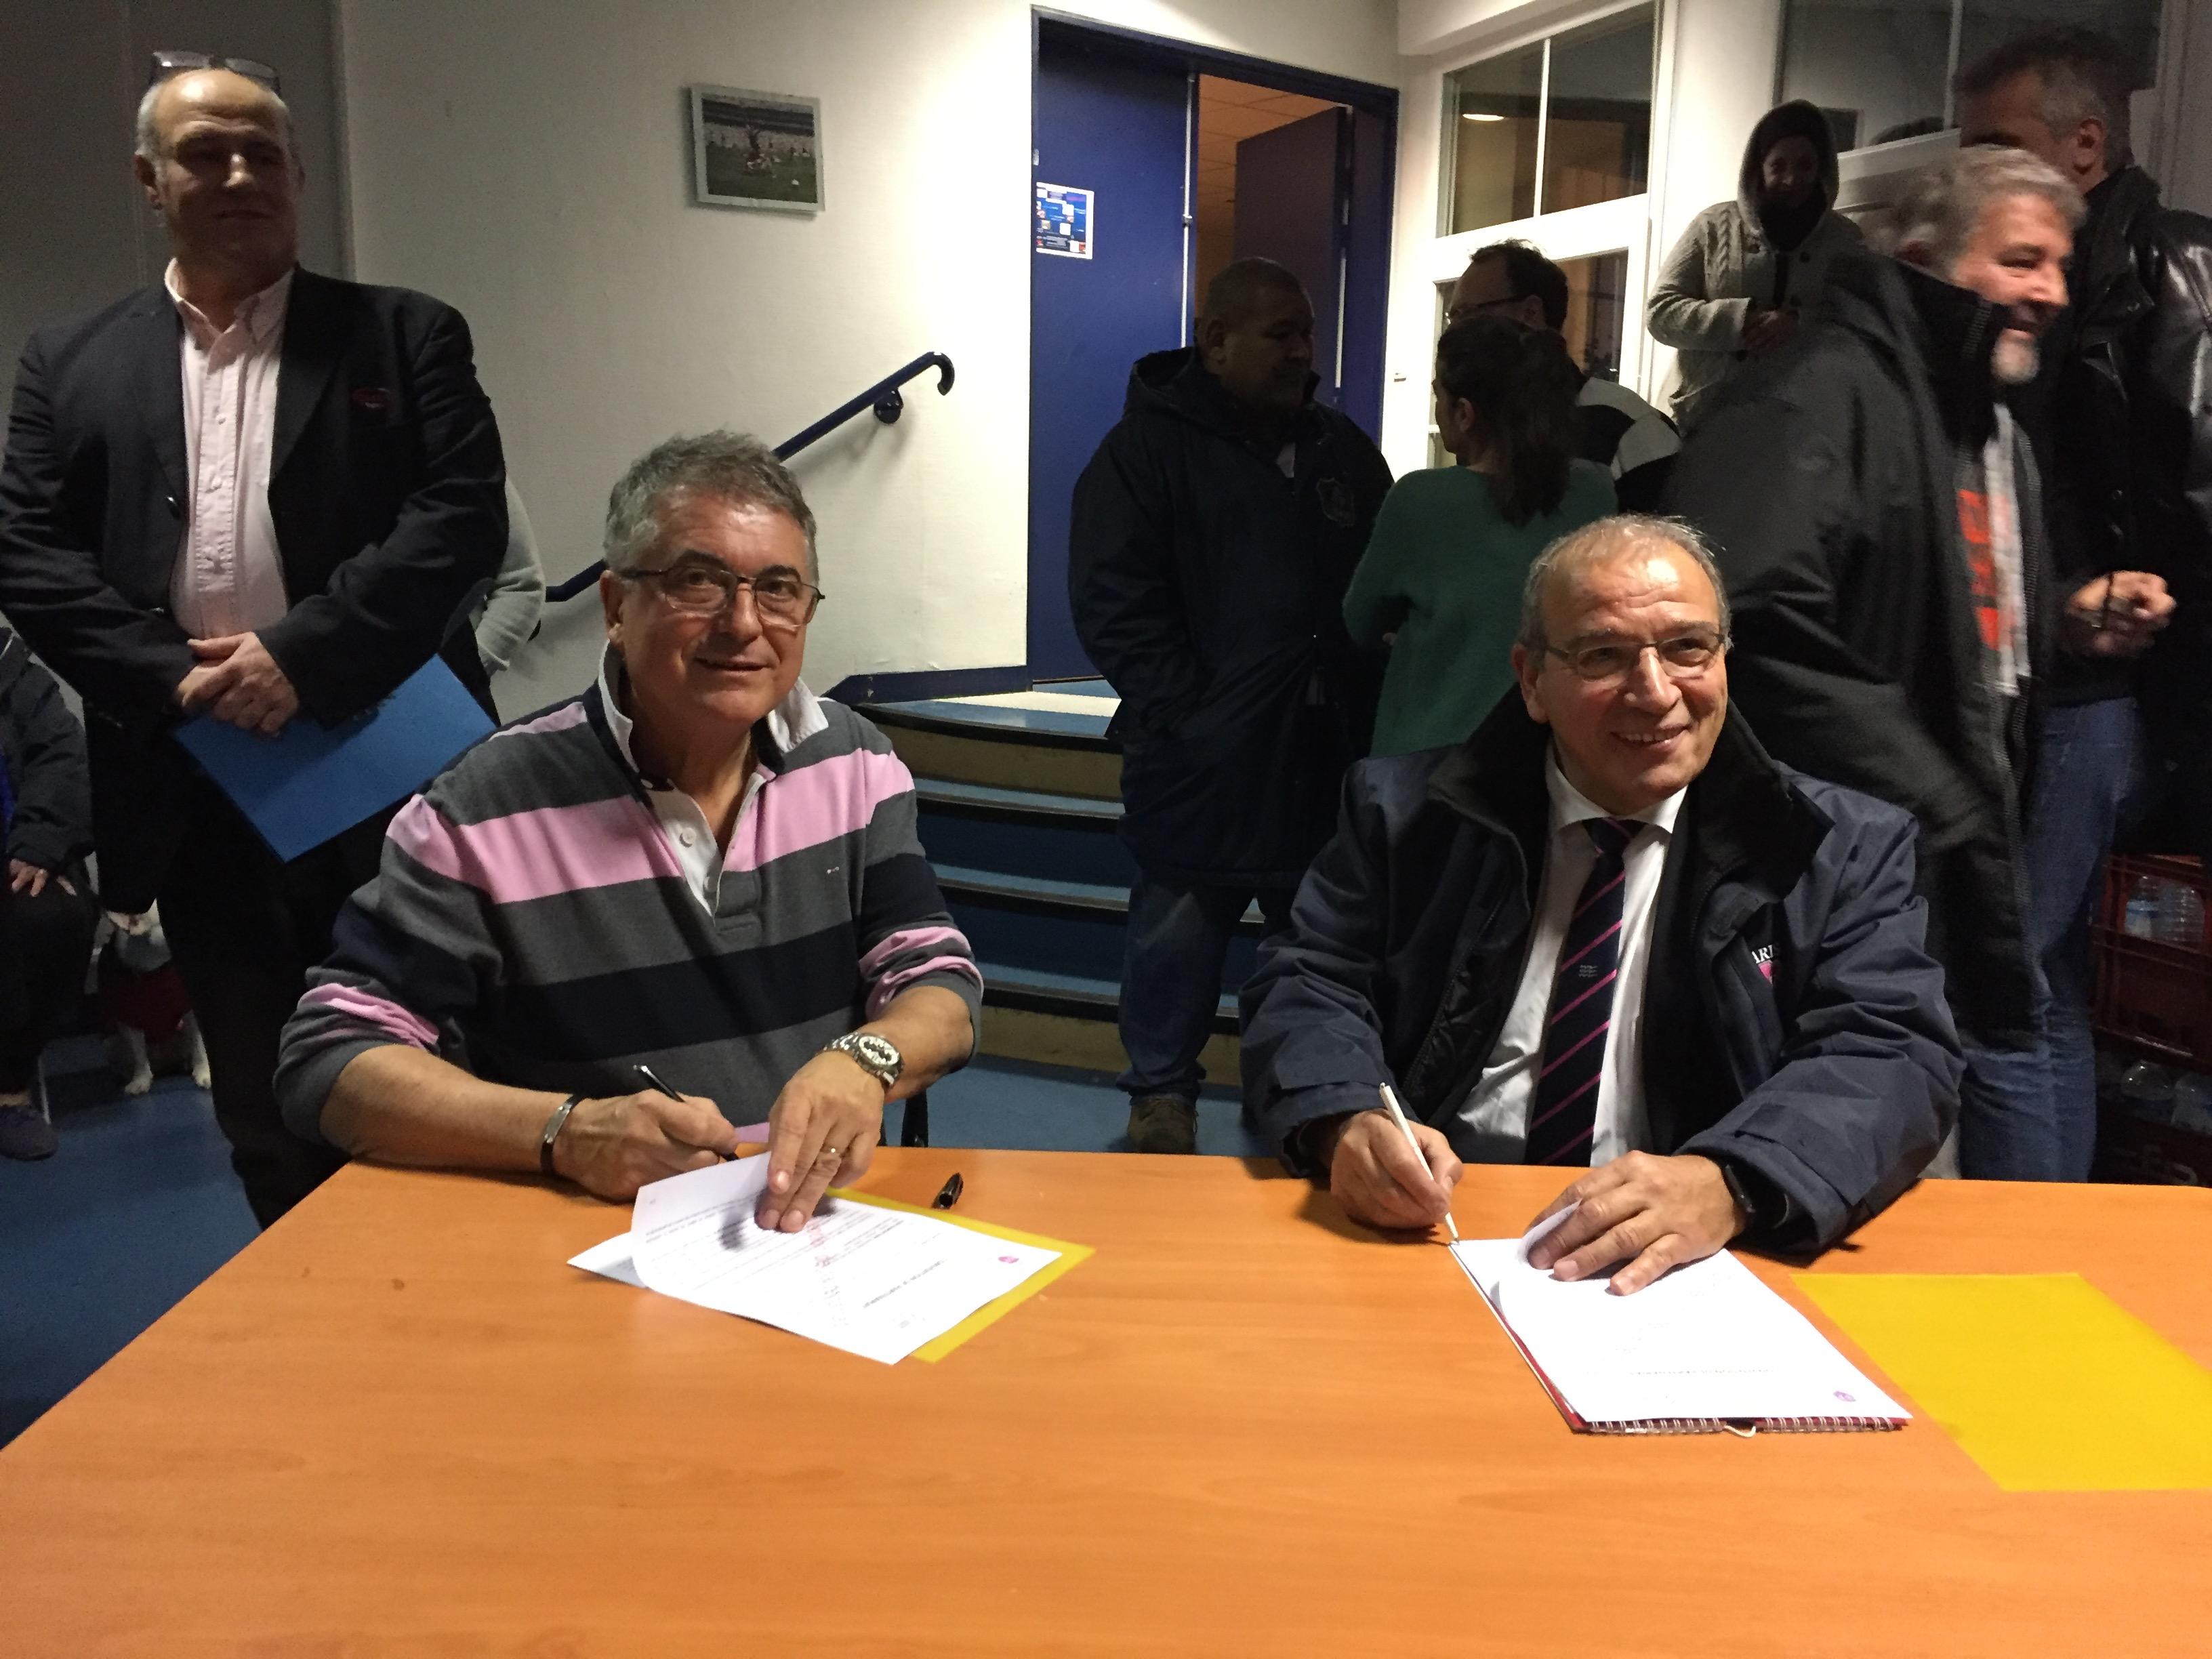 Clamart Rugby 92 Conventions de partenariat avec le Racing 92 et le Stade Français en présence du Maire de Clamart